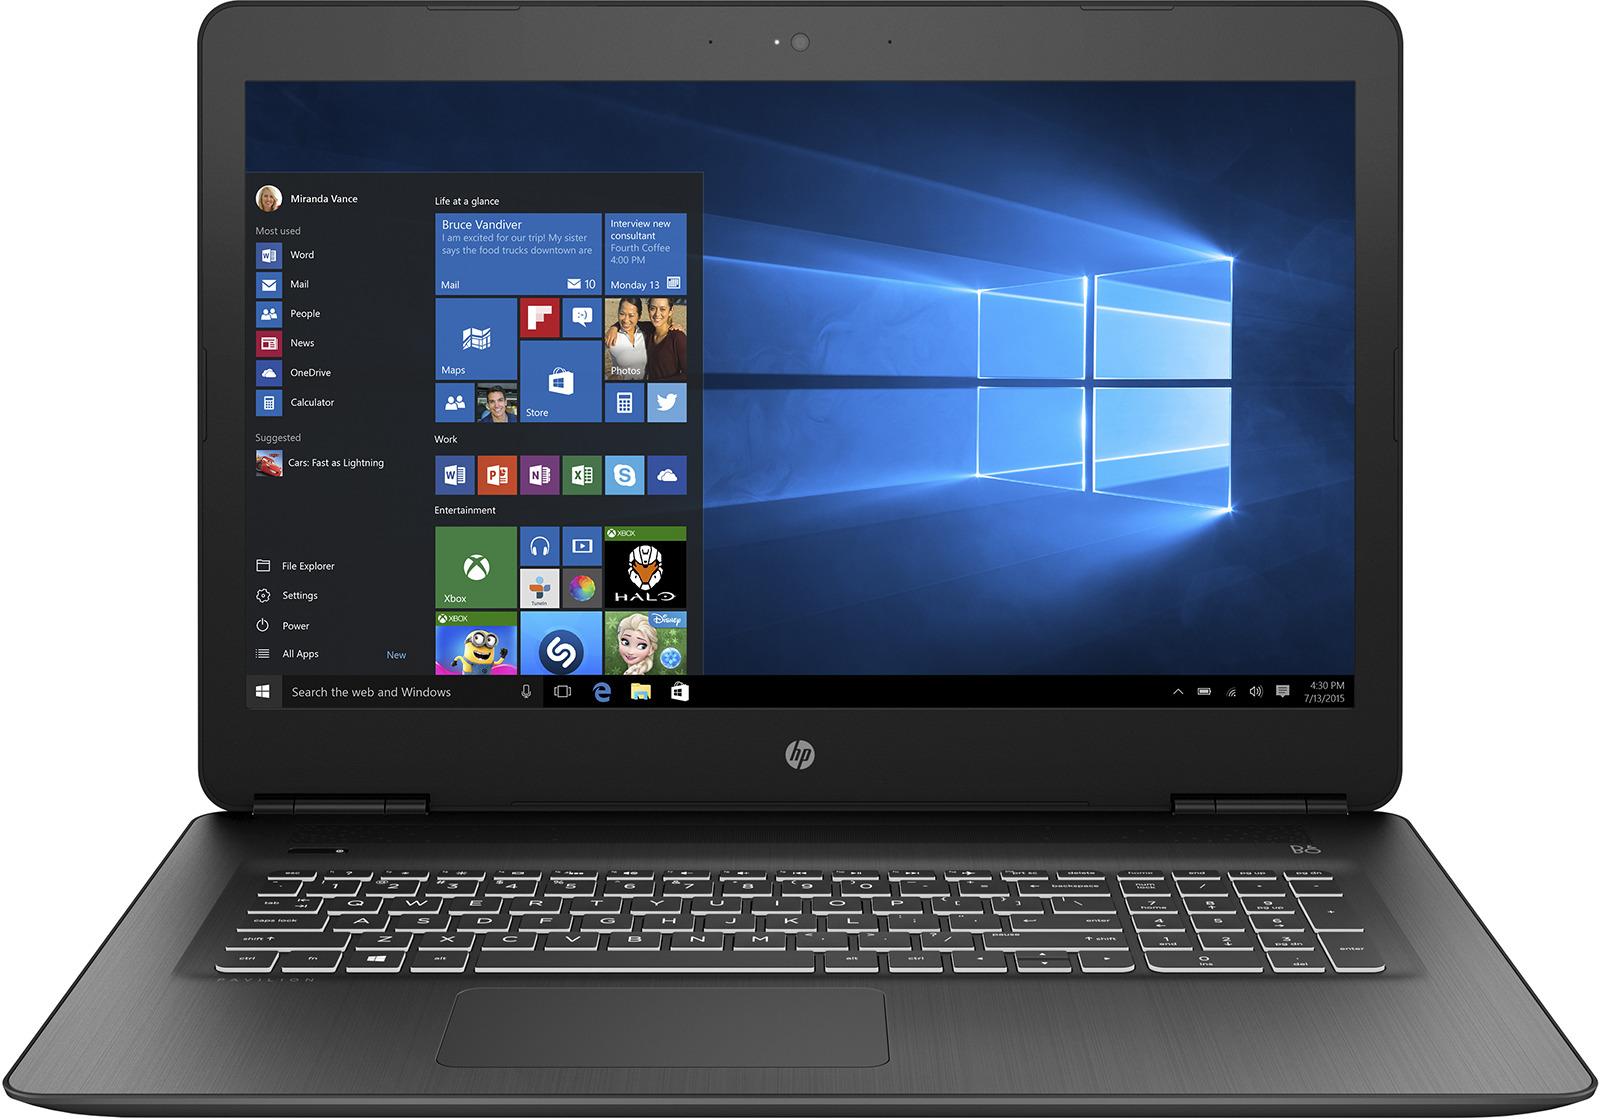 17.3 Игровой ноутбук HP Pavilion Gaming 17-ab312ur 2PQ48EA, черный ноутбук hp pavilion 17 ab403ur 4hf64ea